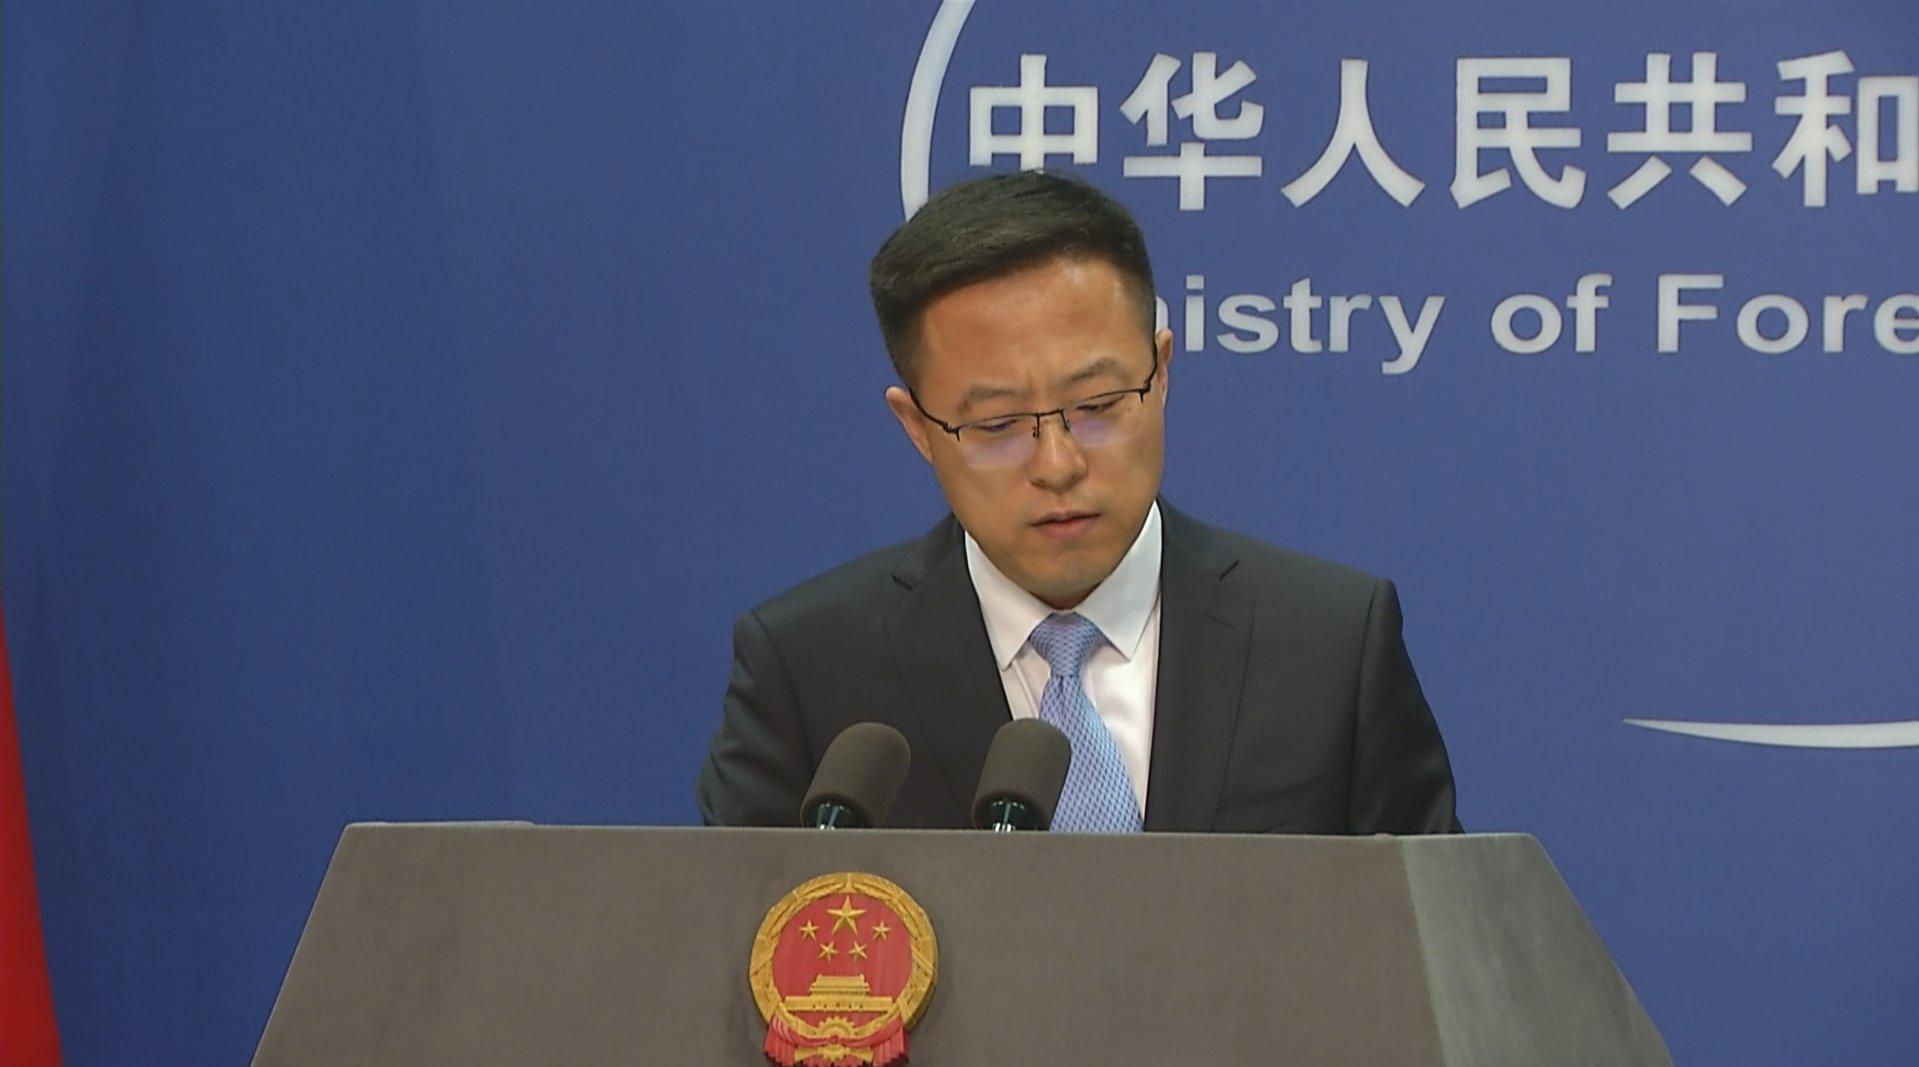 外交部回应印度对中国投资等设限 外交部:相互摩擦是邪路